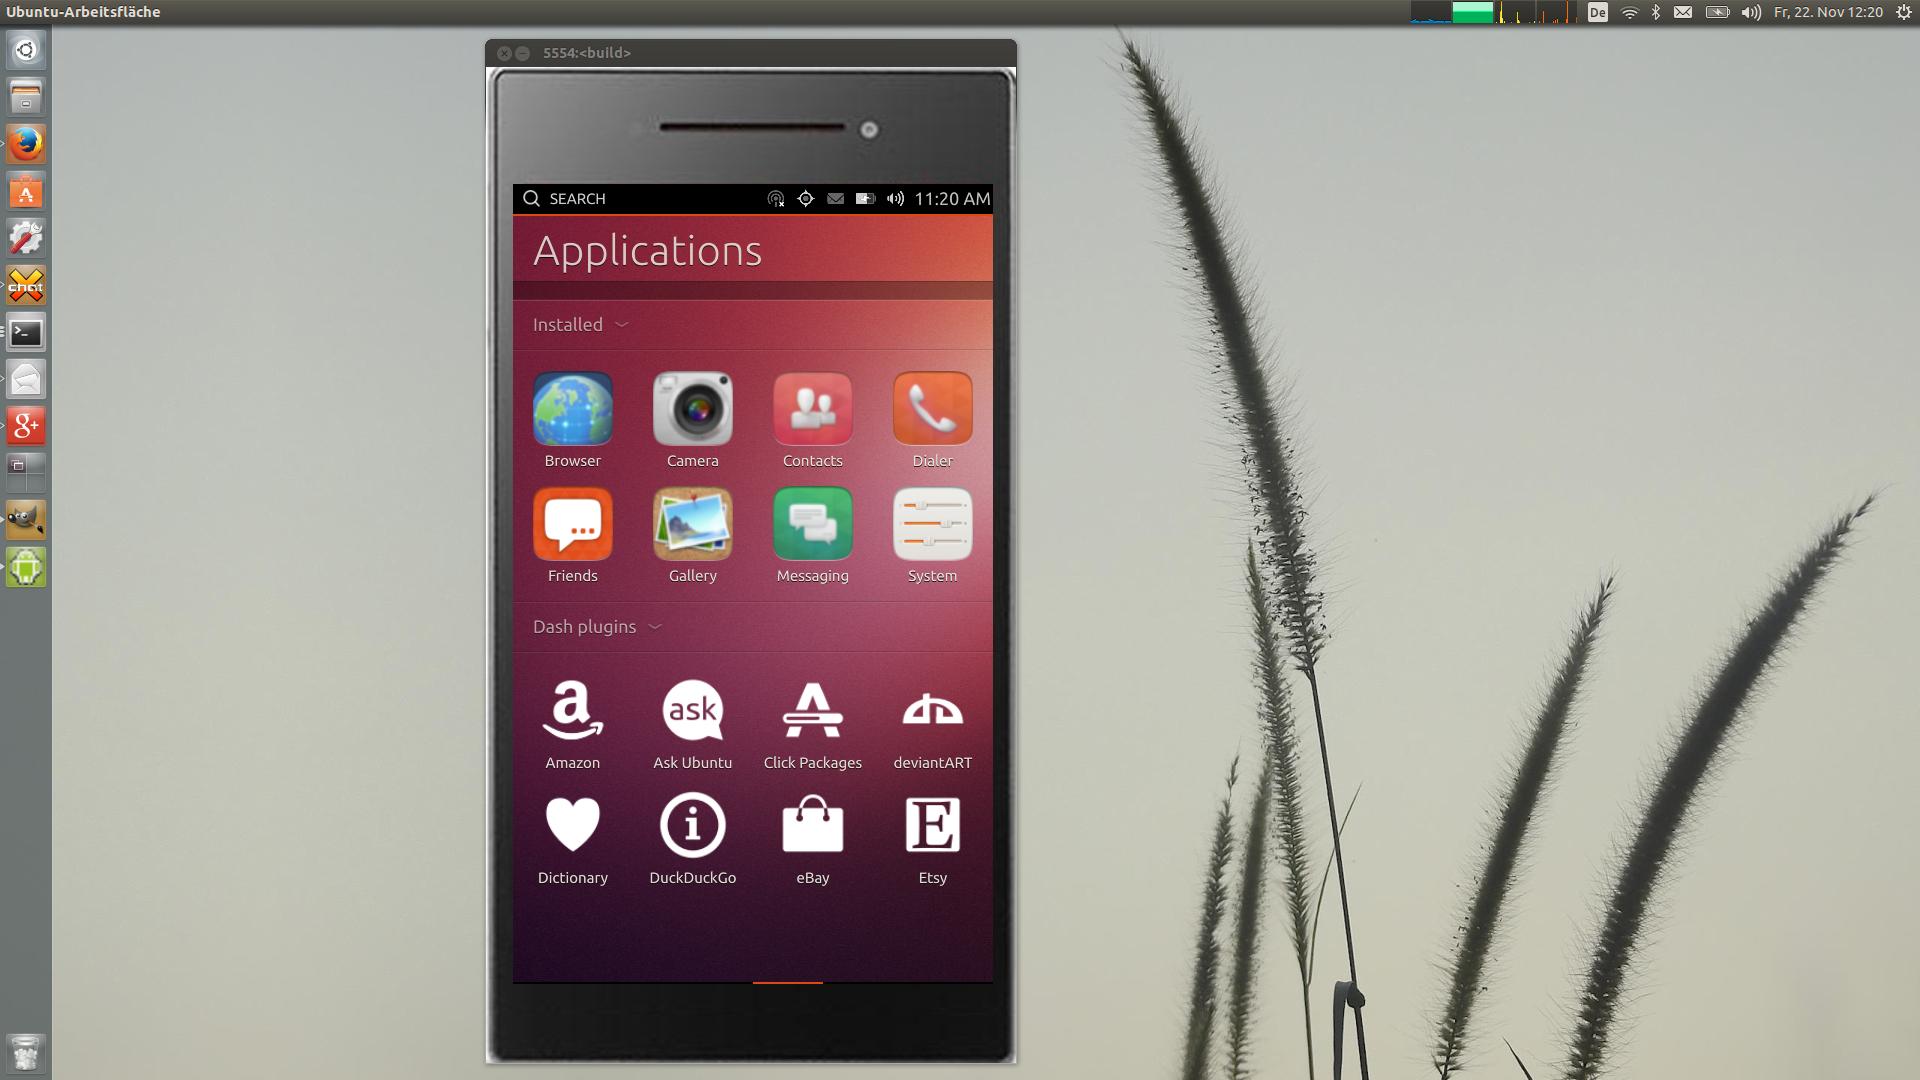 Ubuntu touch скачать прошивку